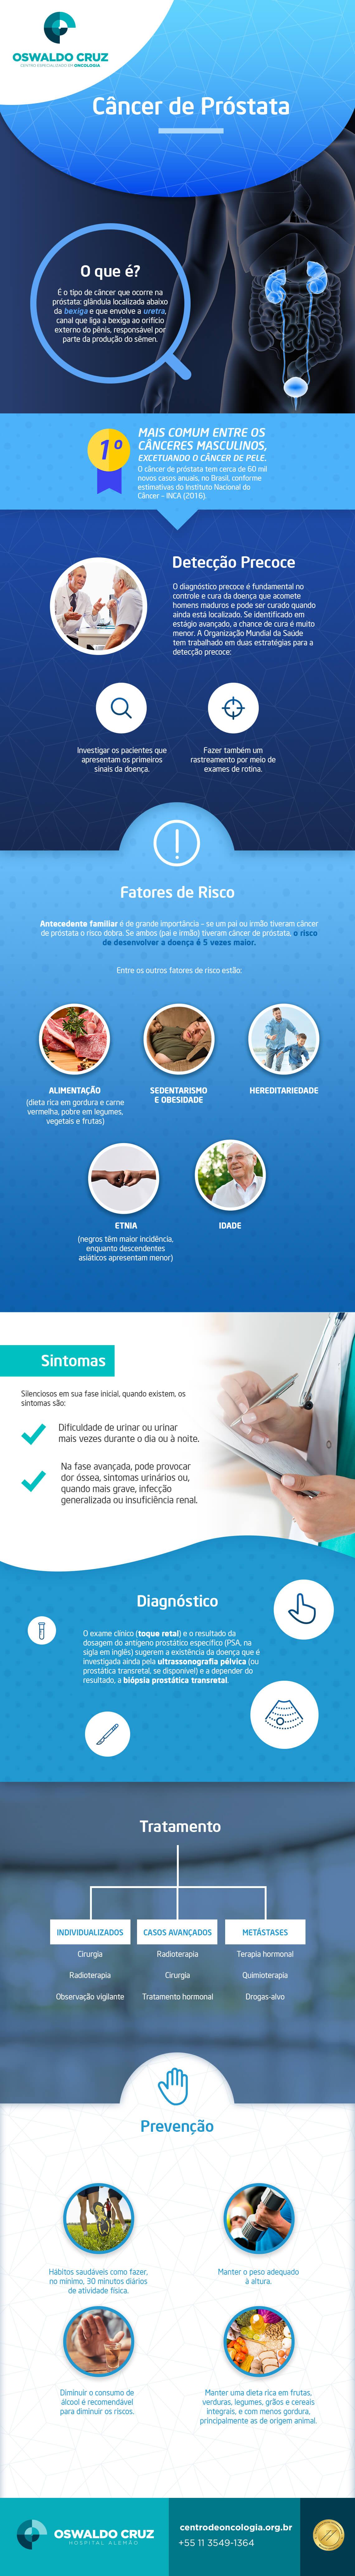 Câncer de Próstata - O que é? É o tipo de câncer que ocorre na próstata: glândula localizada abaixo da bexiga e que envolve a uretra, canal que liga a bexiga ao orifício externo do pênis, responsável por parte da produção do sêmen. Mais comum entre os cânceres masculinos, excetuando o câncer de pele. O câncer de próstata tem cerca de 60 mil novos casos anuais, no Brasil, conforme estimativas do Instituto Nacional do Câncer – INCA (2016). Detecção Precoce: O diagnóstico precoce é fundamental no controle e cura da doença que acomete homens maduros e poder ser curado quando ainda está localizado. Se identificado em estágio avançado, a chance de cura é muito menor. A Organização Mundial da Saúde tem trabalhado em duas estratégias para detecção precoce: investigar os pacientes que apresentam os primeiros sinais da doença e fazer também um rastreamento por meio de exames de rotina. Fatores de Risco: Antecedente familiar é de grande importância – se um pai ou irmão tiveram câncer de próstata o risco dobra. Se ambos (pai e irmão) tiveram câncer de próstata, o risco de desenvolver a doença é 5 vezes maior. Entre outros fatores de risco estão: alimentação (dieta rica em gordura e carne vermelha, pobre em legumes, vegetais e frutas), sedentarismo e obesidade, hereditariedade, etnia (negros têm maior incidência enquanto descendentes asiáticos apresentam menor) e idade. Sintomas: Silenciosos em sua fase inicial, quando existem, os sintomas são: dificuldade de urinar ou urinar mais vezes durante o dia ou à noite e na fase avançada, pode provocar dor óssea, sintomas urinários ou, quando mais grave, infecção generalizada ou insuficiência renal. Diagnóstico: o exame clínico (toque retal) e o resultado da dosagem do antígeno prostático (PSA, na sigla em inglês) sugerem a existência da doença que é investigada ainda pela ultrassonografia pélvica (ou prostática transrretal, se disponível) e a depender do resultado, a biópsia prostática transrretal. Tratamento - Individualizados: Cirurg